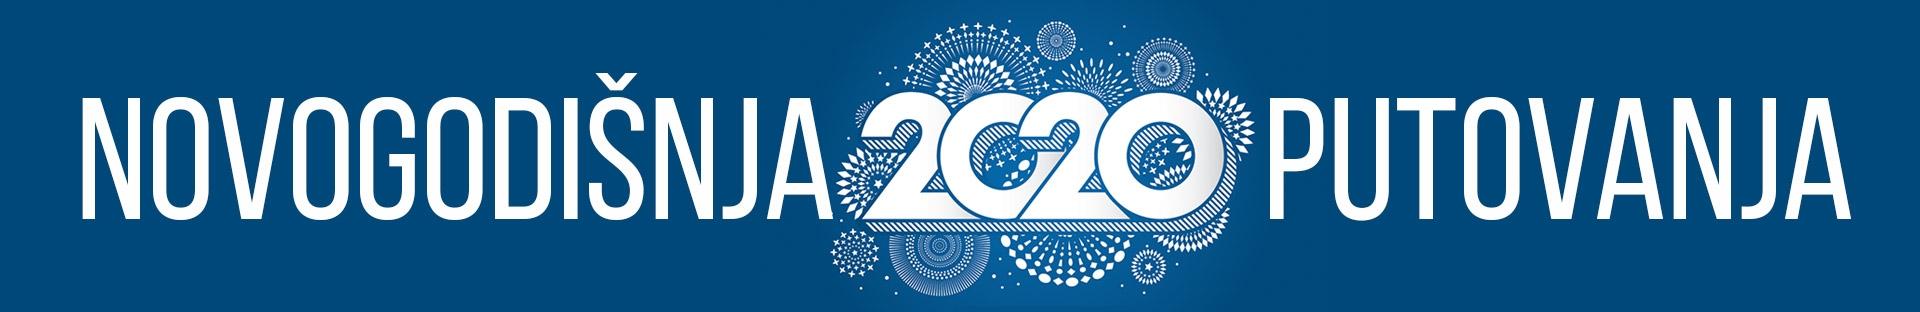 NOVOGODIŠNJA PUTOVANJA 2020